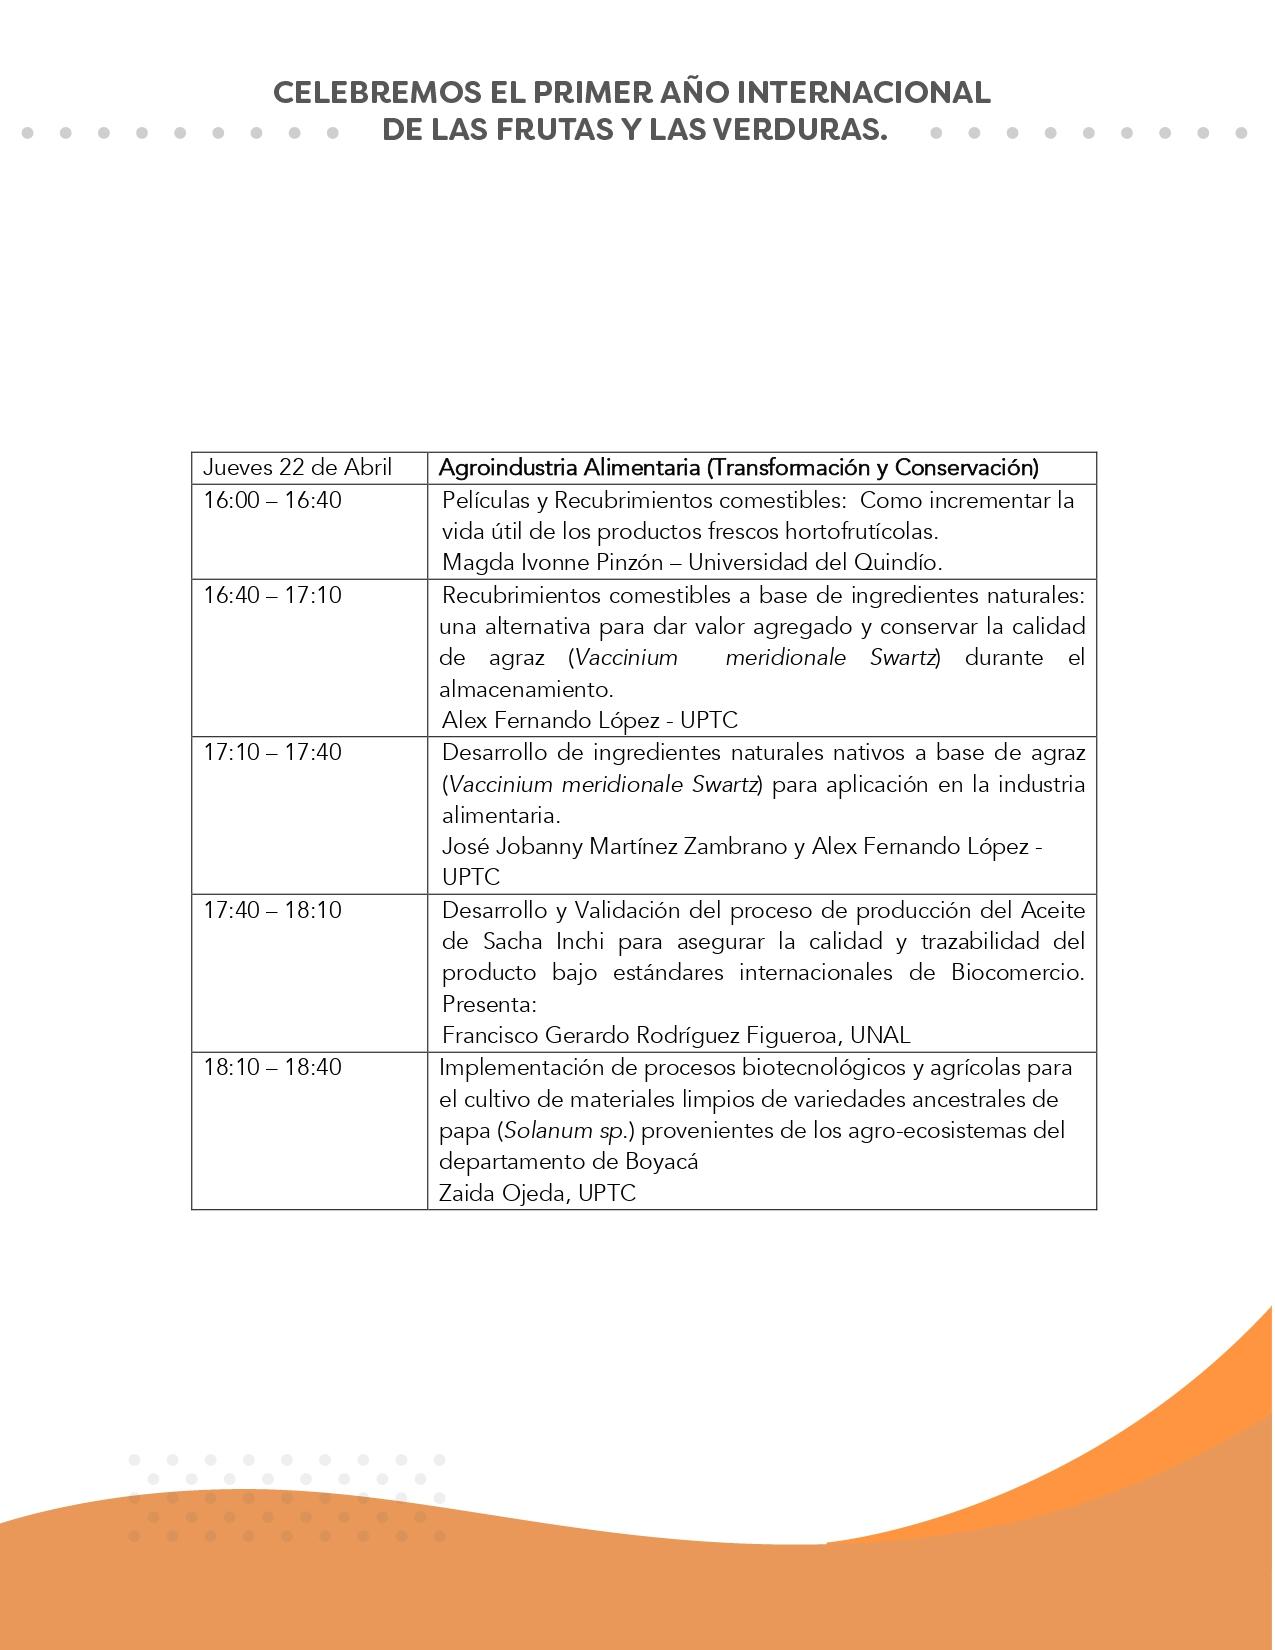 Agenda-Preliminar-V2-1-page-0003